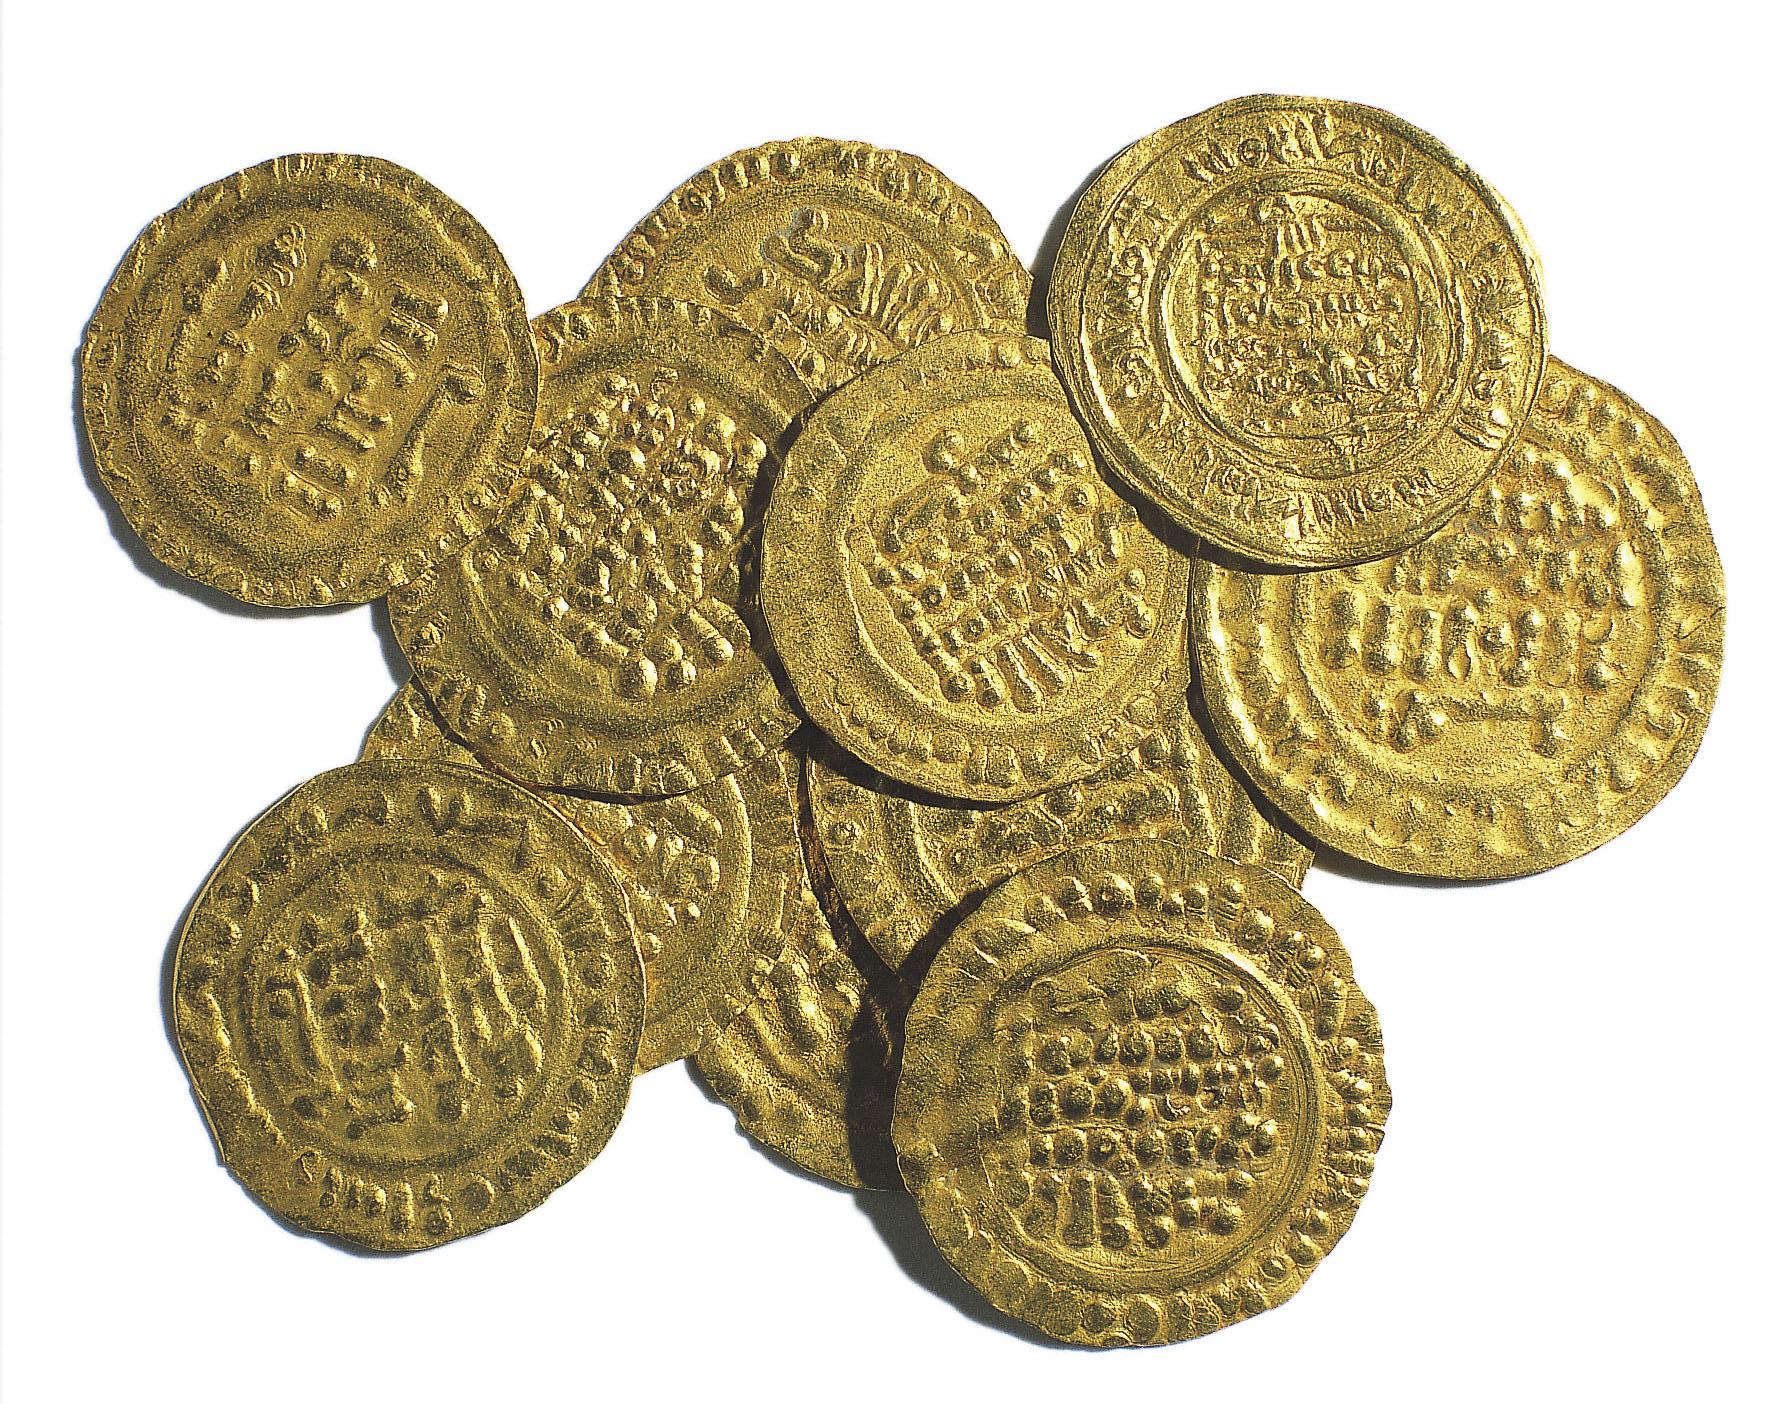 Diverses autoritats - Tresor d'Òdena - Finals del segle XI